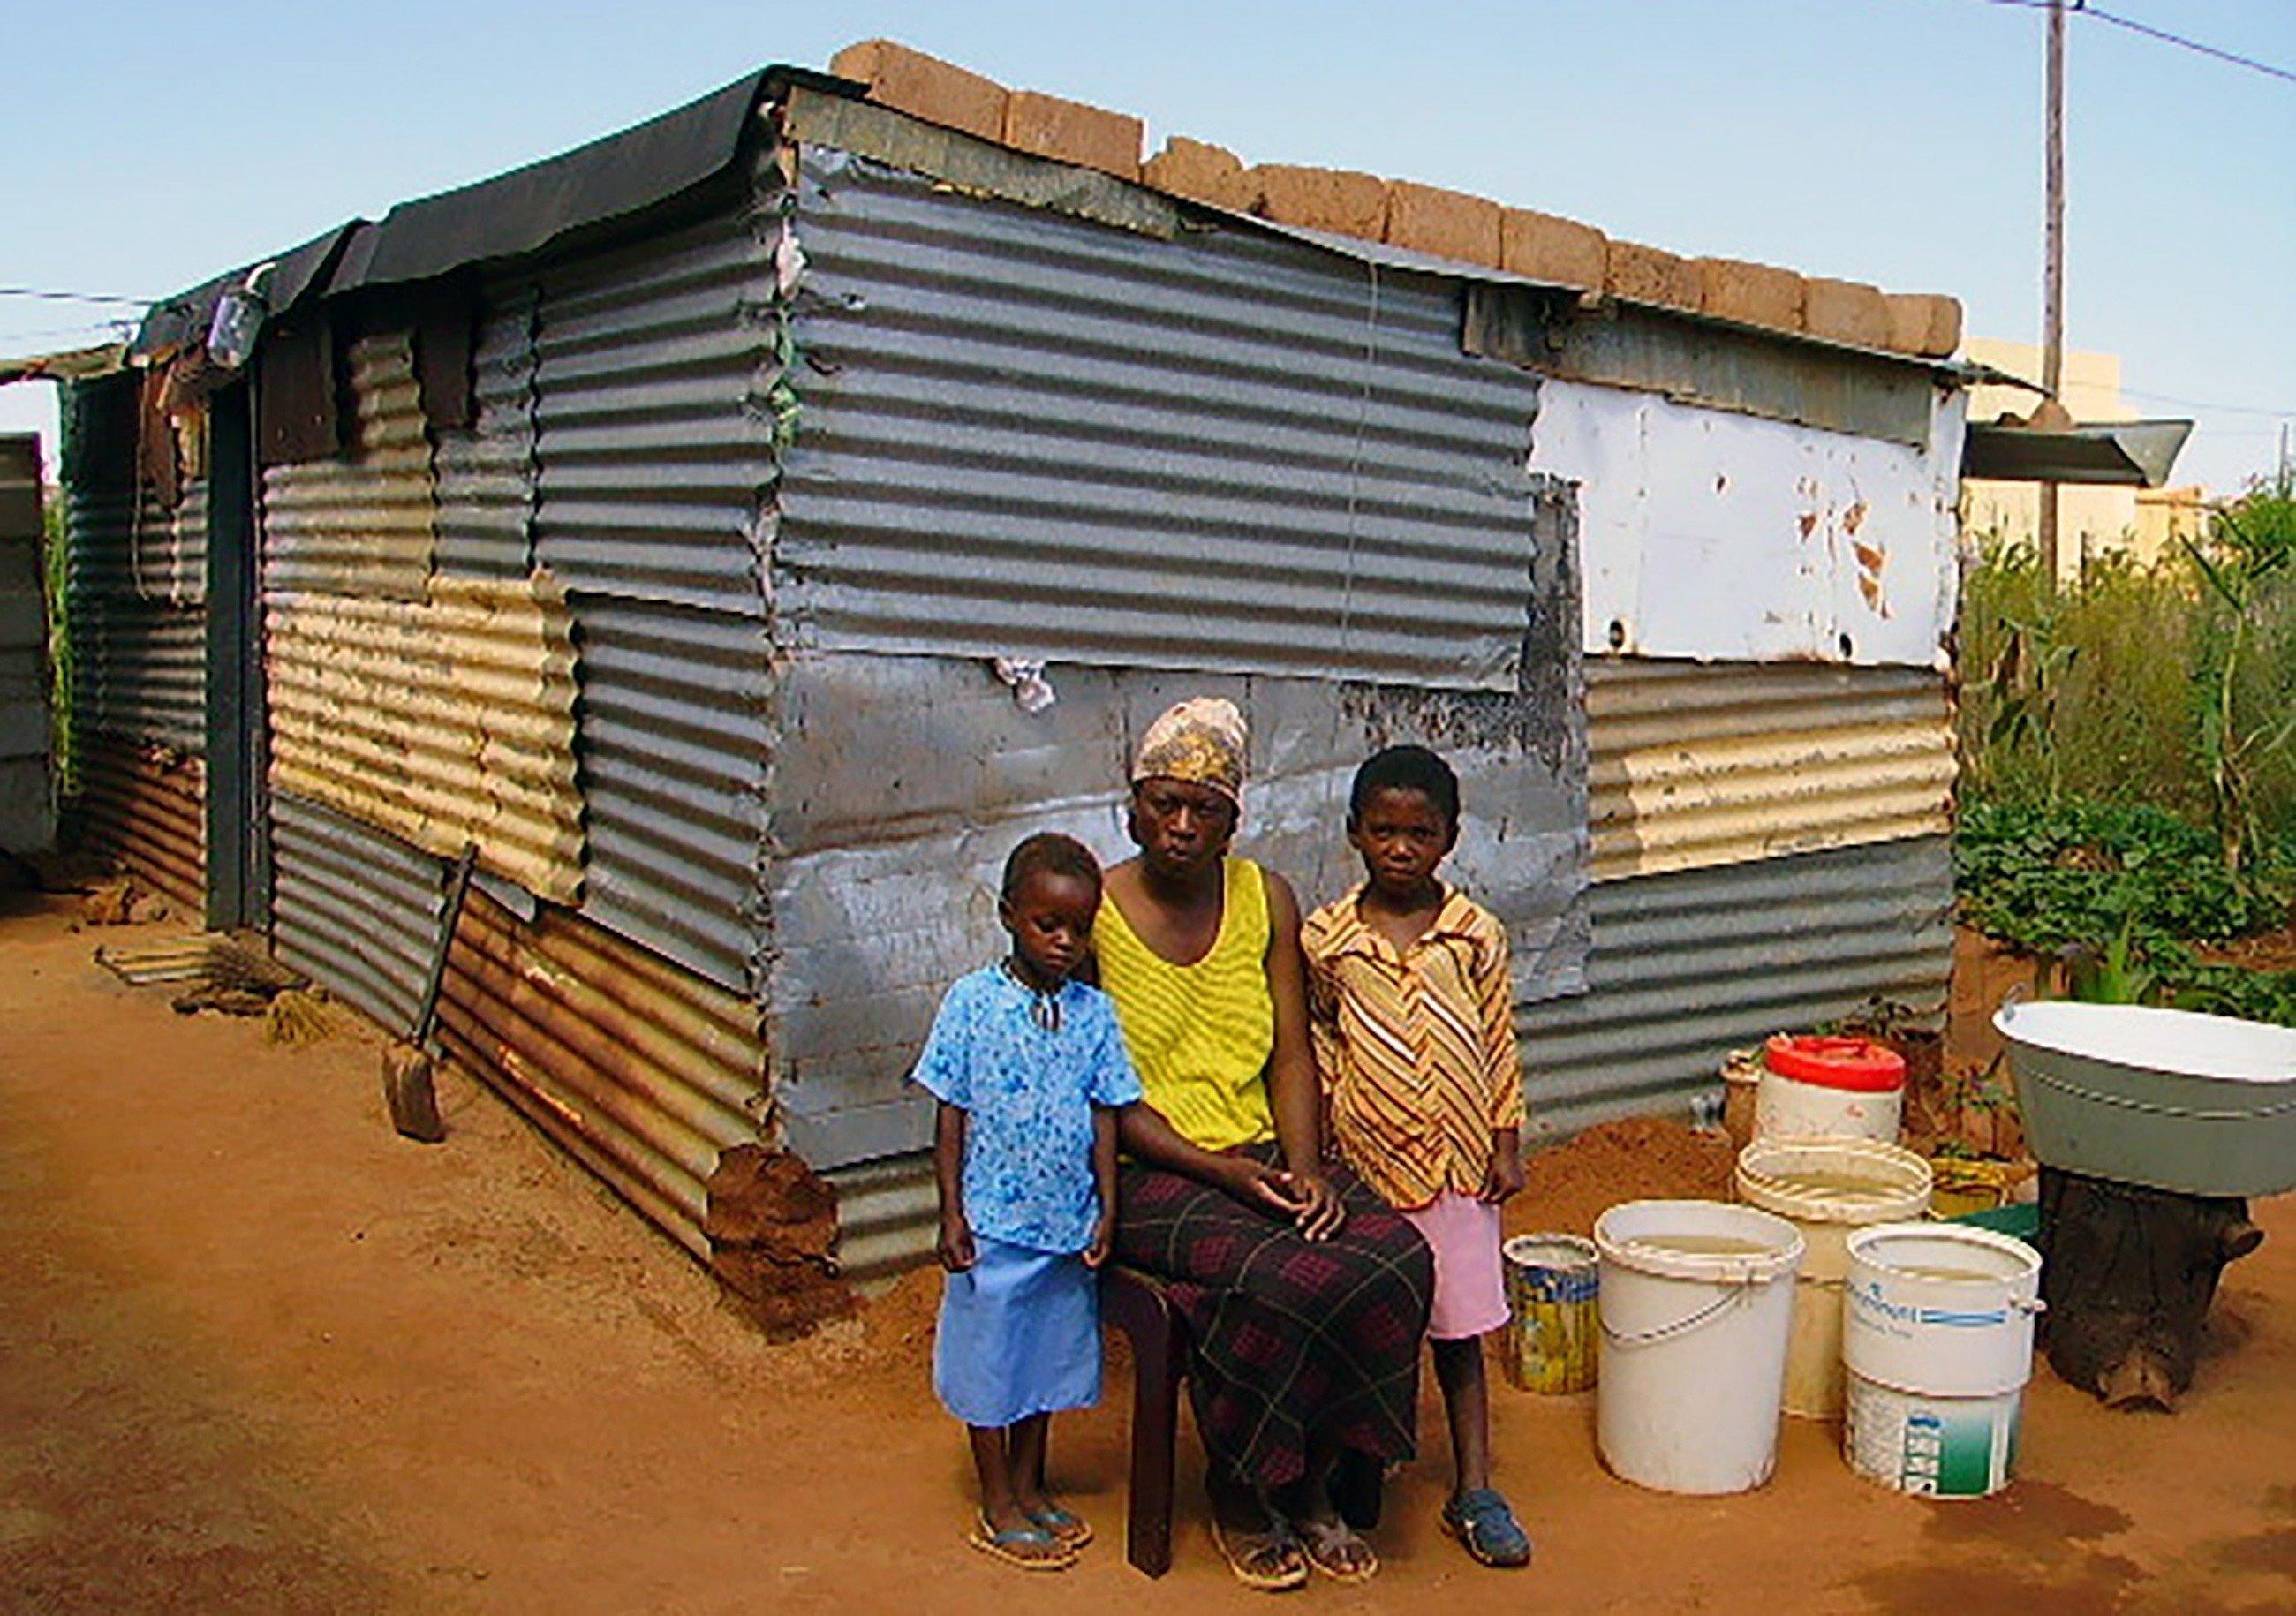 Eine afrikanische Mutter sitzt mit ihren beiden Kindern vor Ihrer Hütte aus Wellblech.